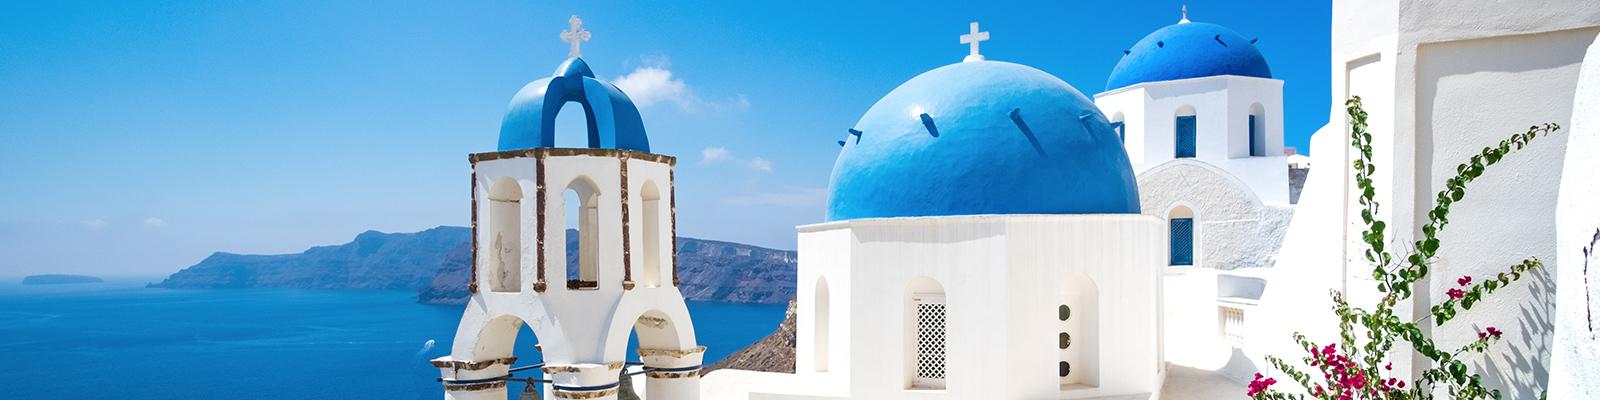 Underbara GreklandKritvita hus med blå tak blandas med sandstränder, klippor och fantastisk mat.